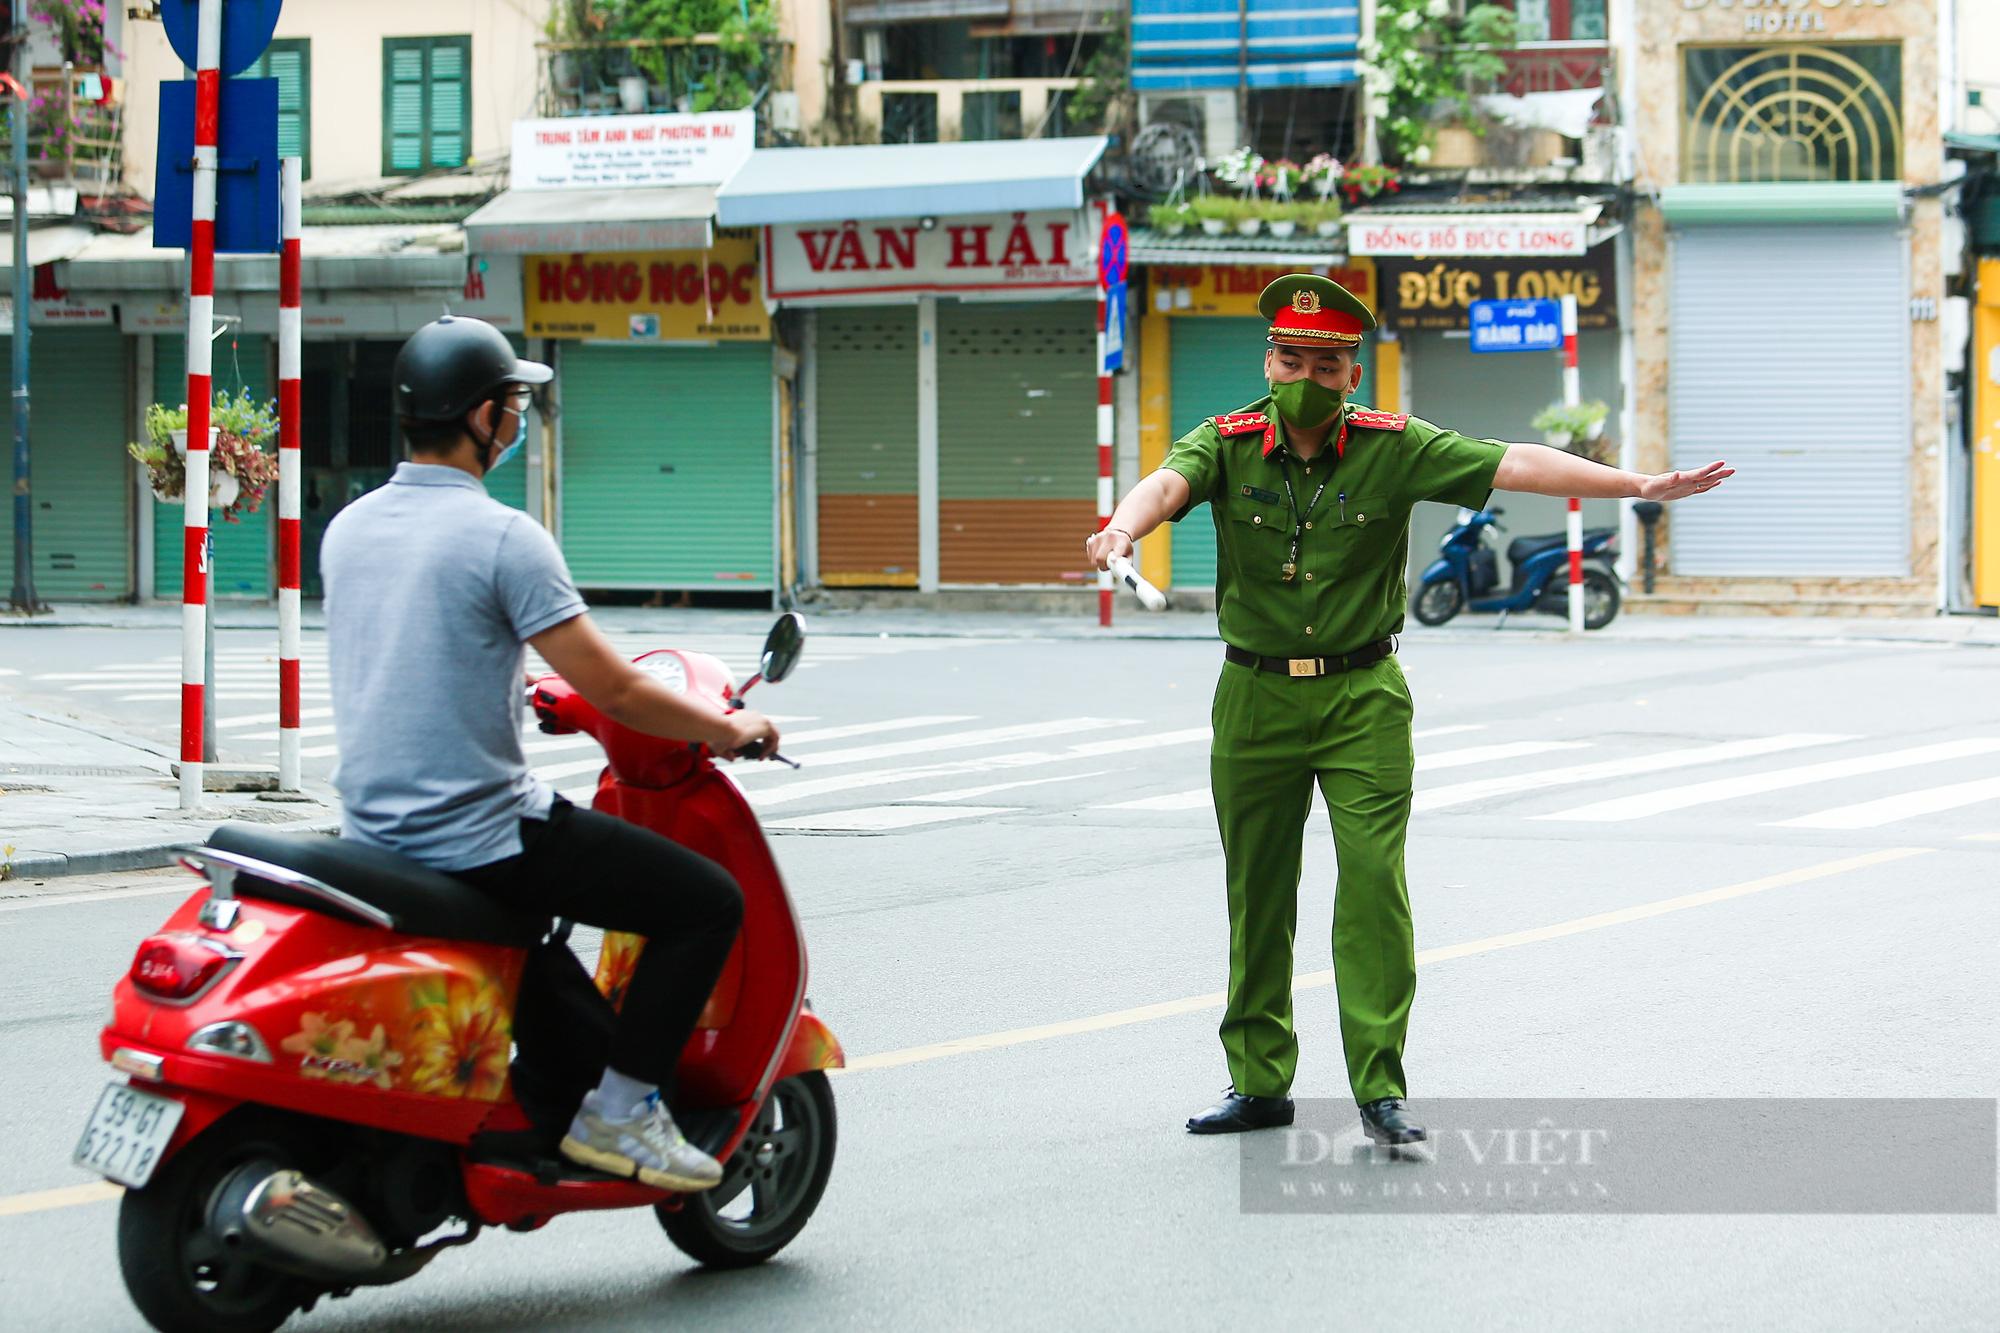 Hà Nội yêu cầu công chức, viên chức, người lao động chỉ đến công sở khi thực sự cần thiết - Ảnh 2.